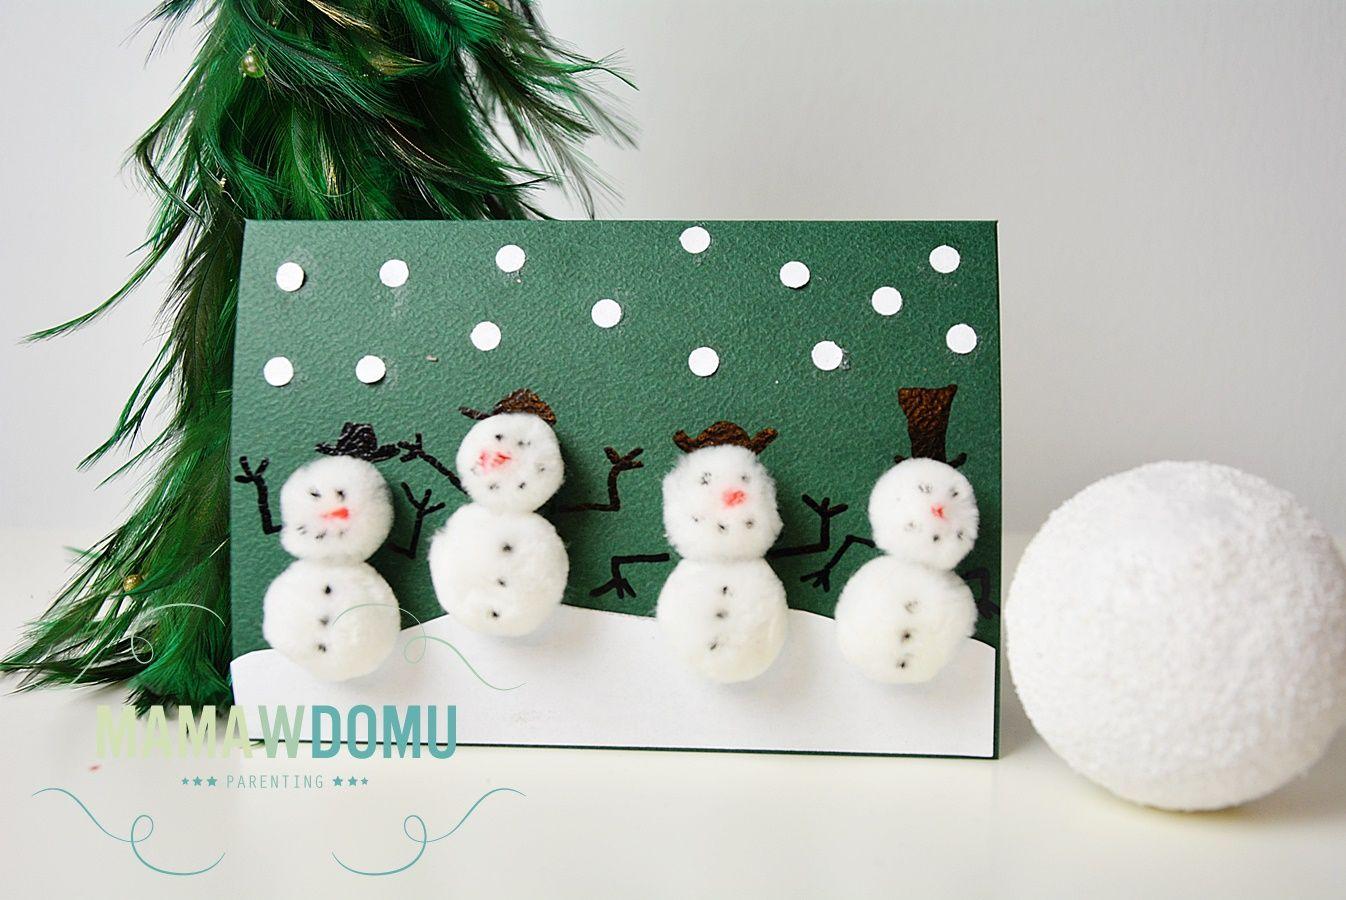 Pomysly Na Kartki Swiateczne Recznie Robione Mama W Domu Handmade Holiday Art For Kids Xmas Cards